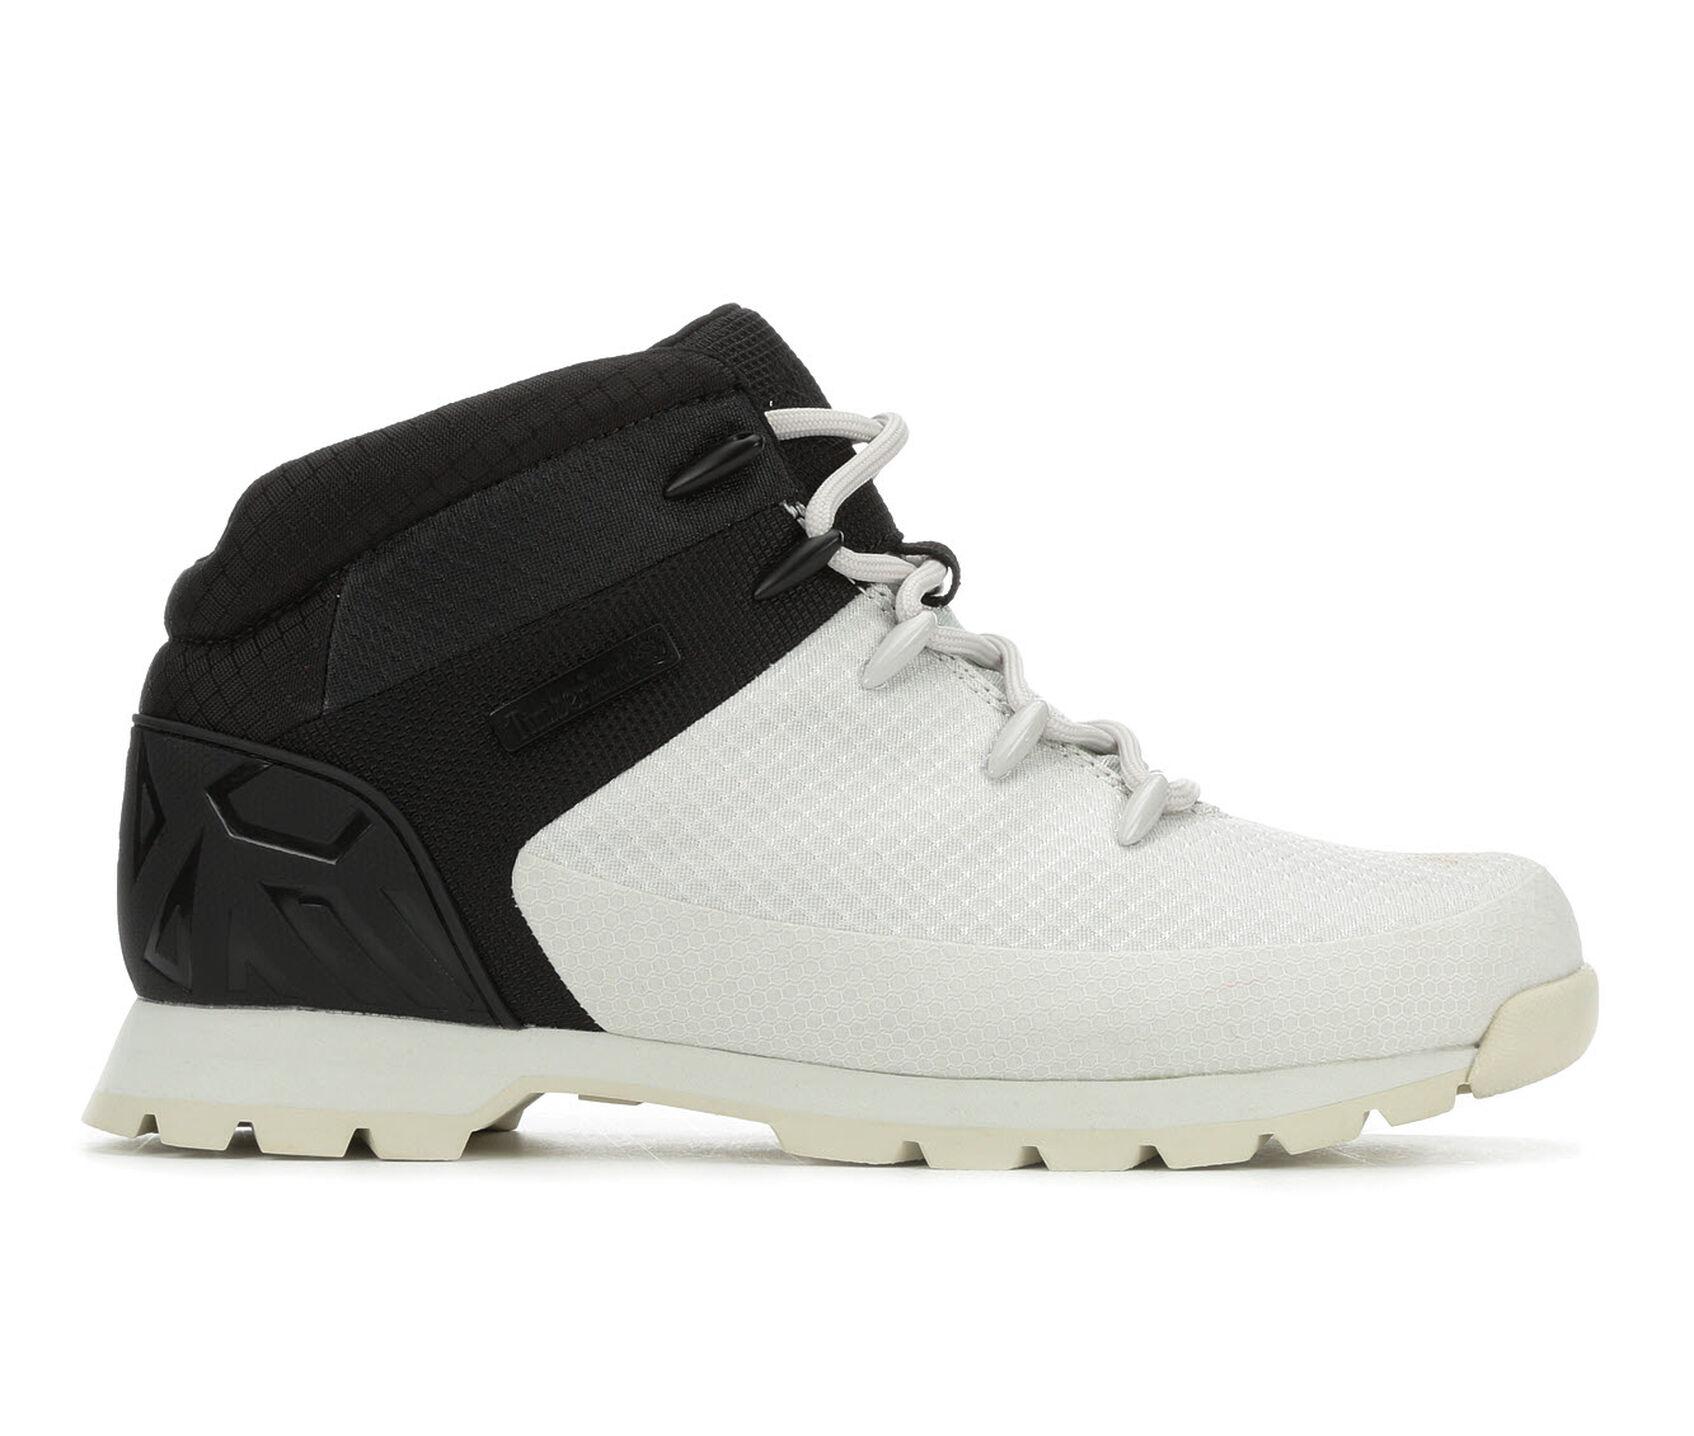 401a47927f7 Men's Timberland Euro Sprint Hiker Boots